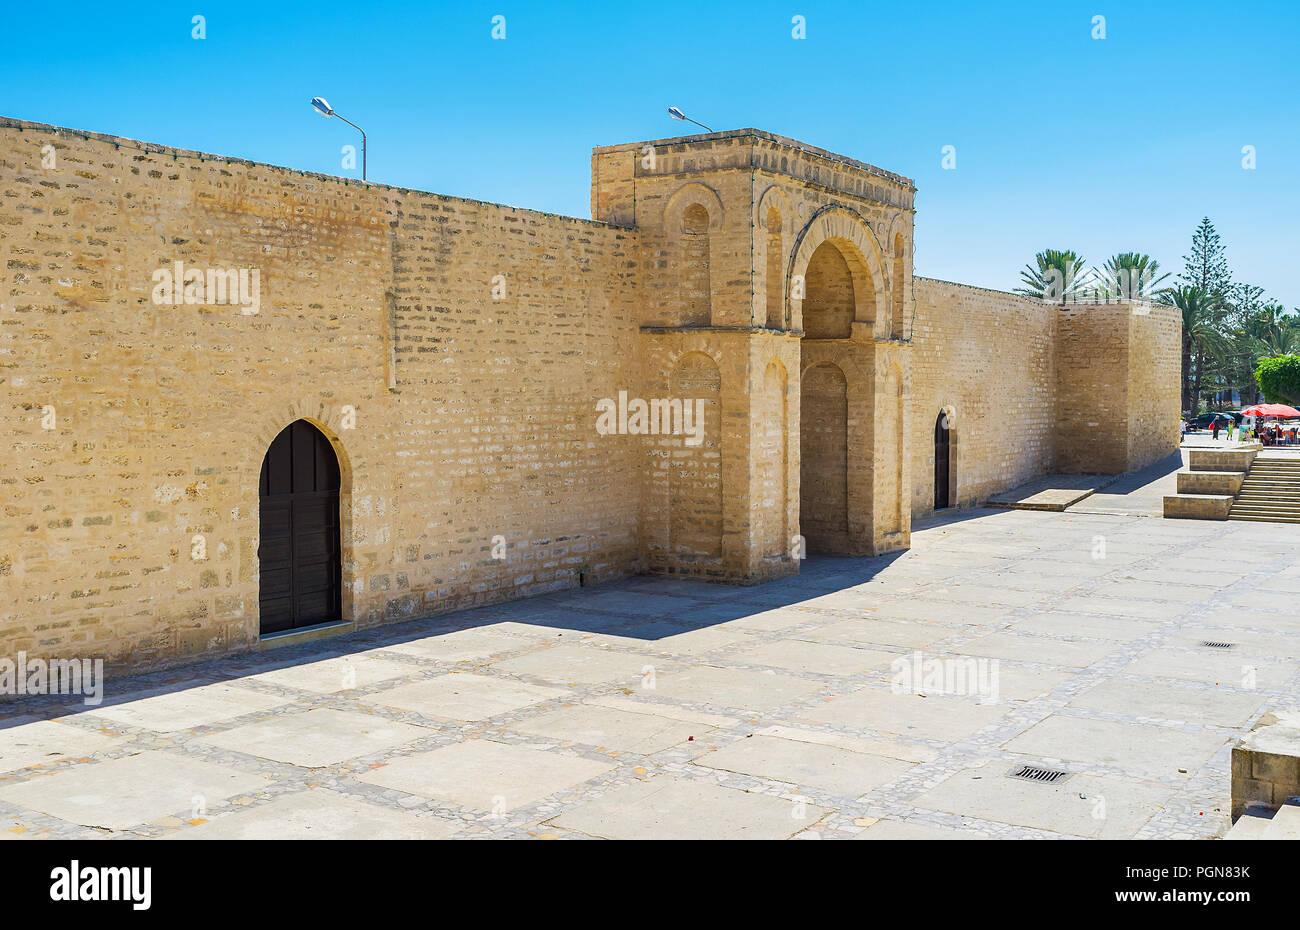 L'arc en fer à cheval de la Grande Mosquée, passerelle, entouré de rempart défensif médiéval massive, Mahdia, Tunisie. Photo Stock